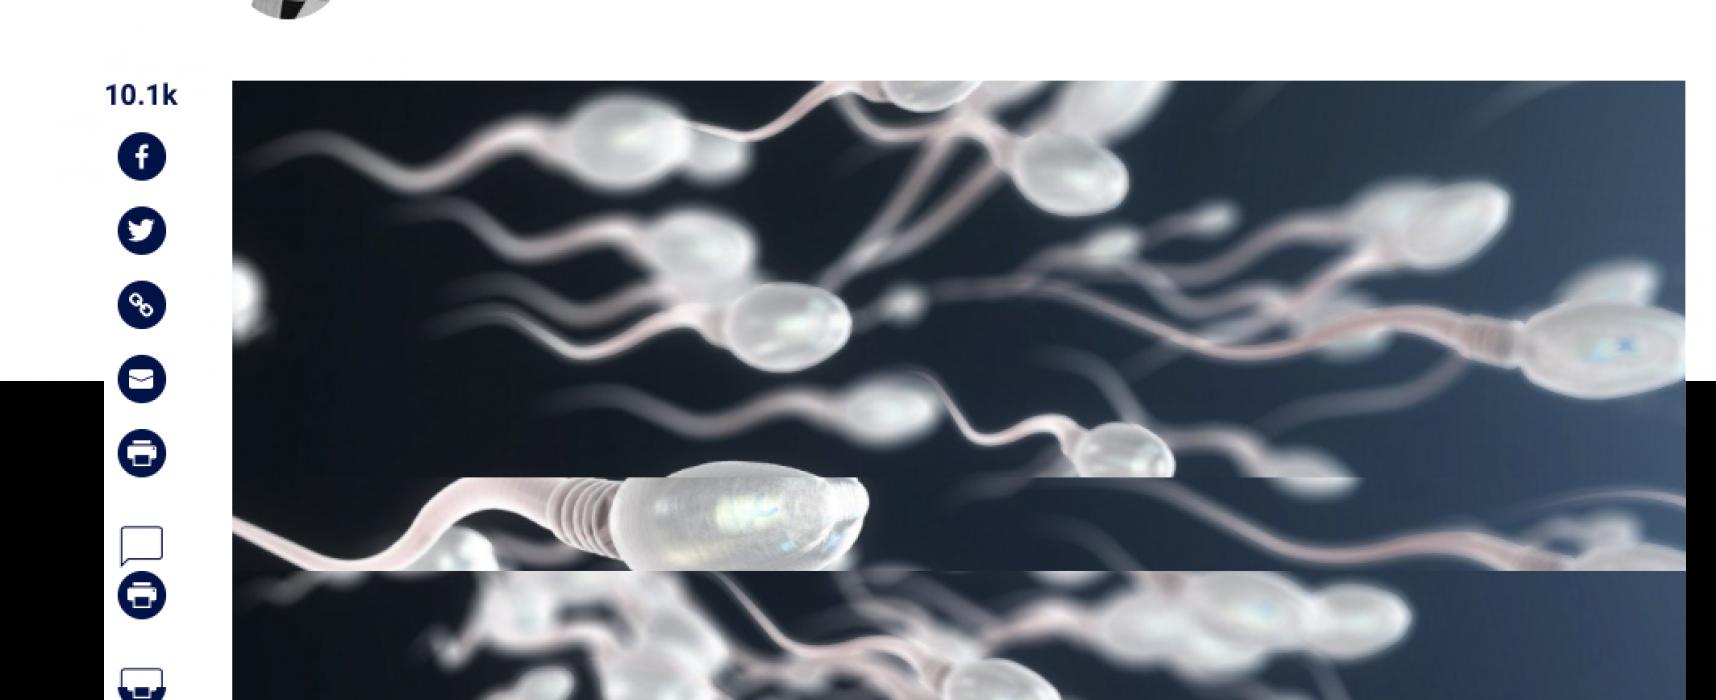 Especulación: La COVID-19 priva a los hombres de su capacidad de reproducirse